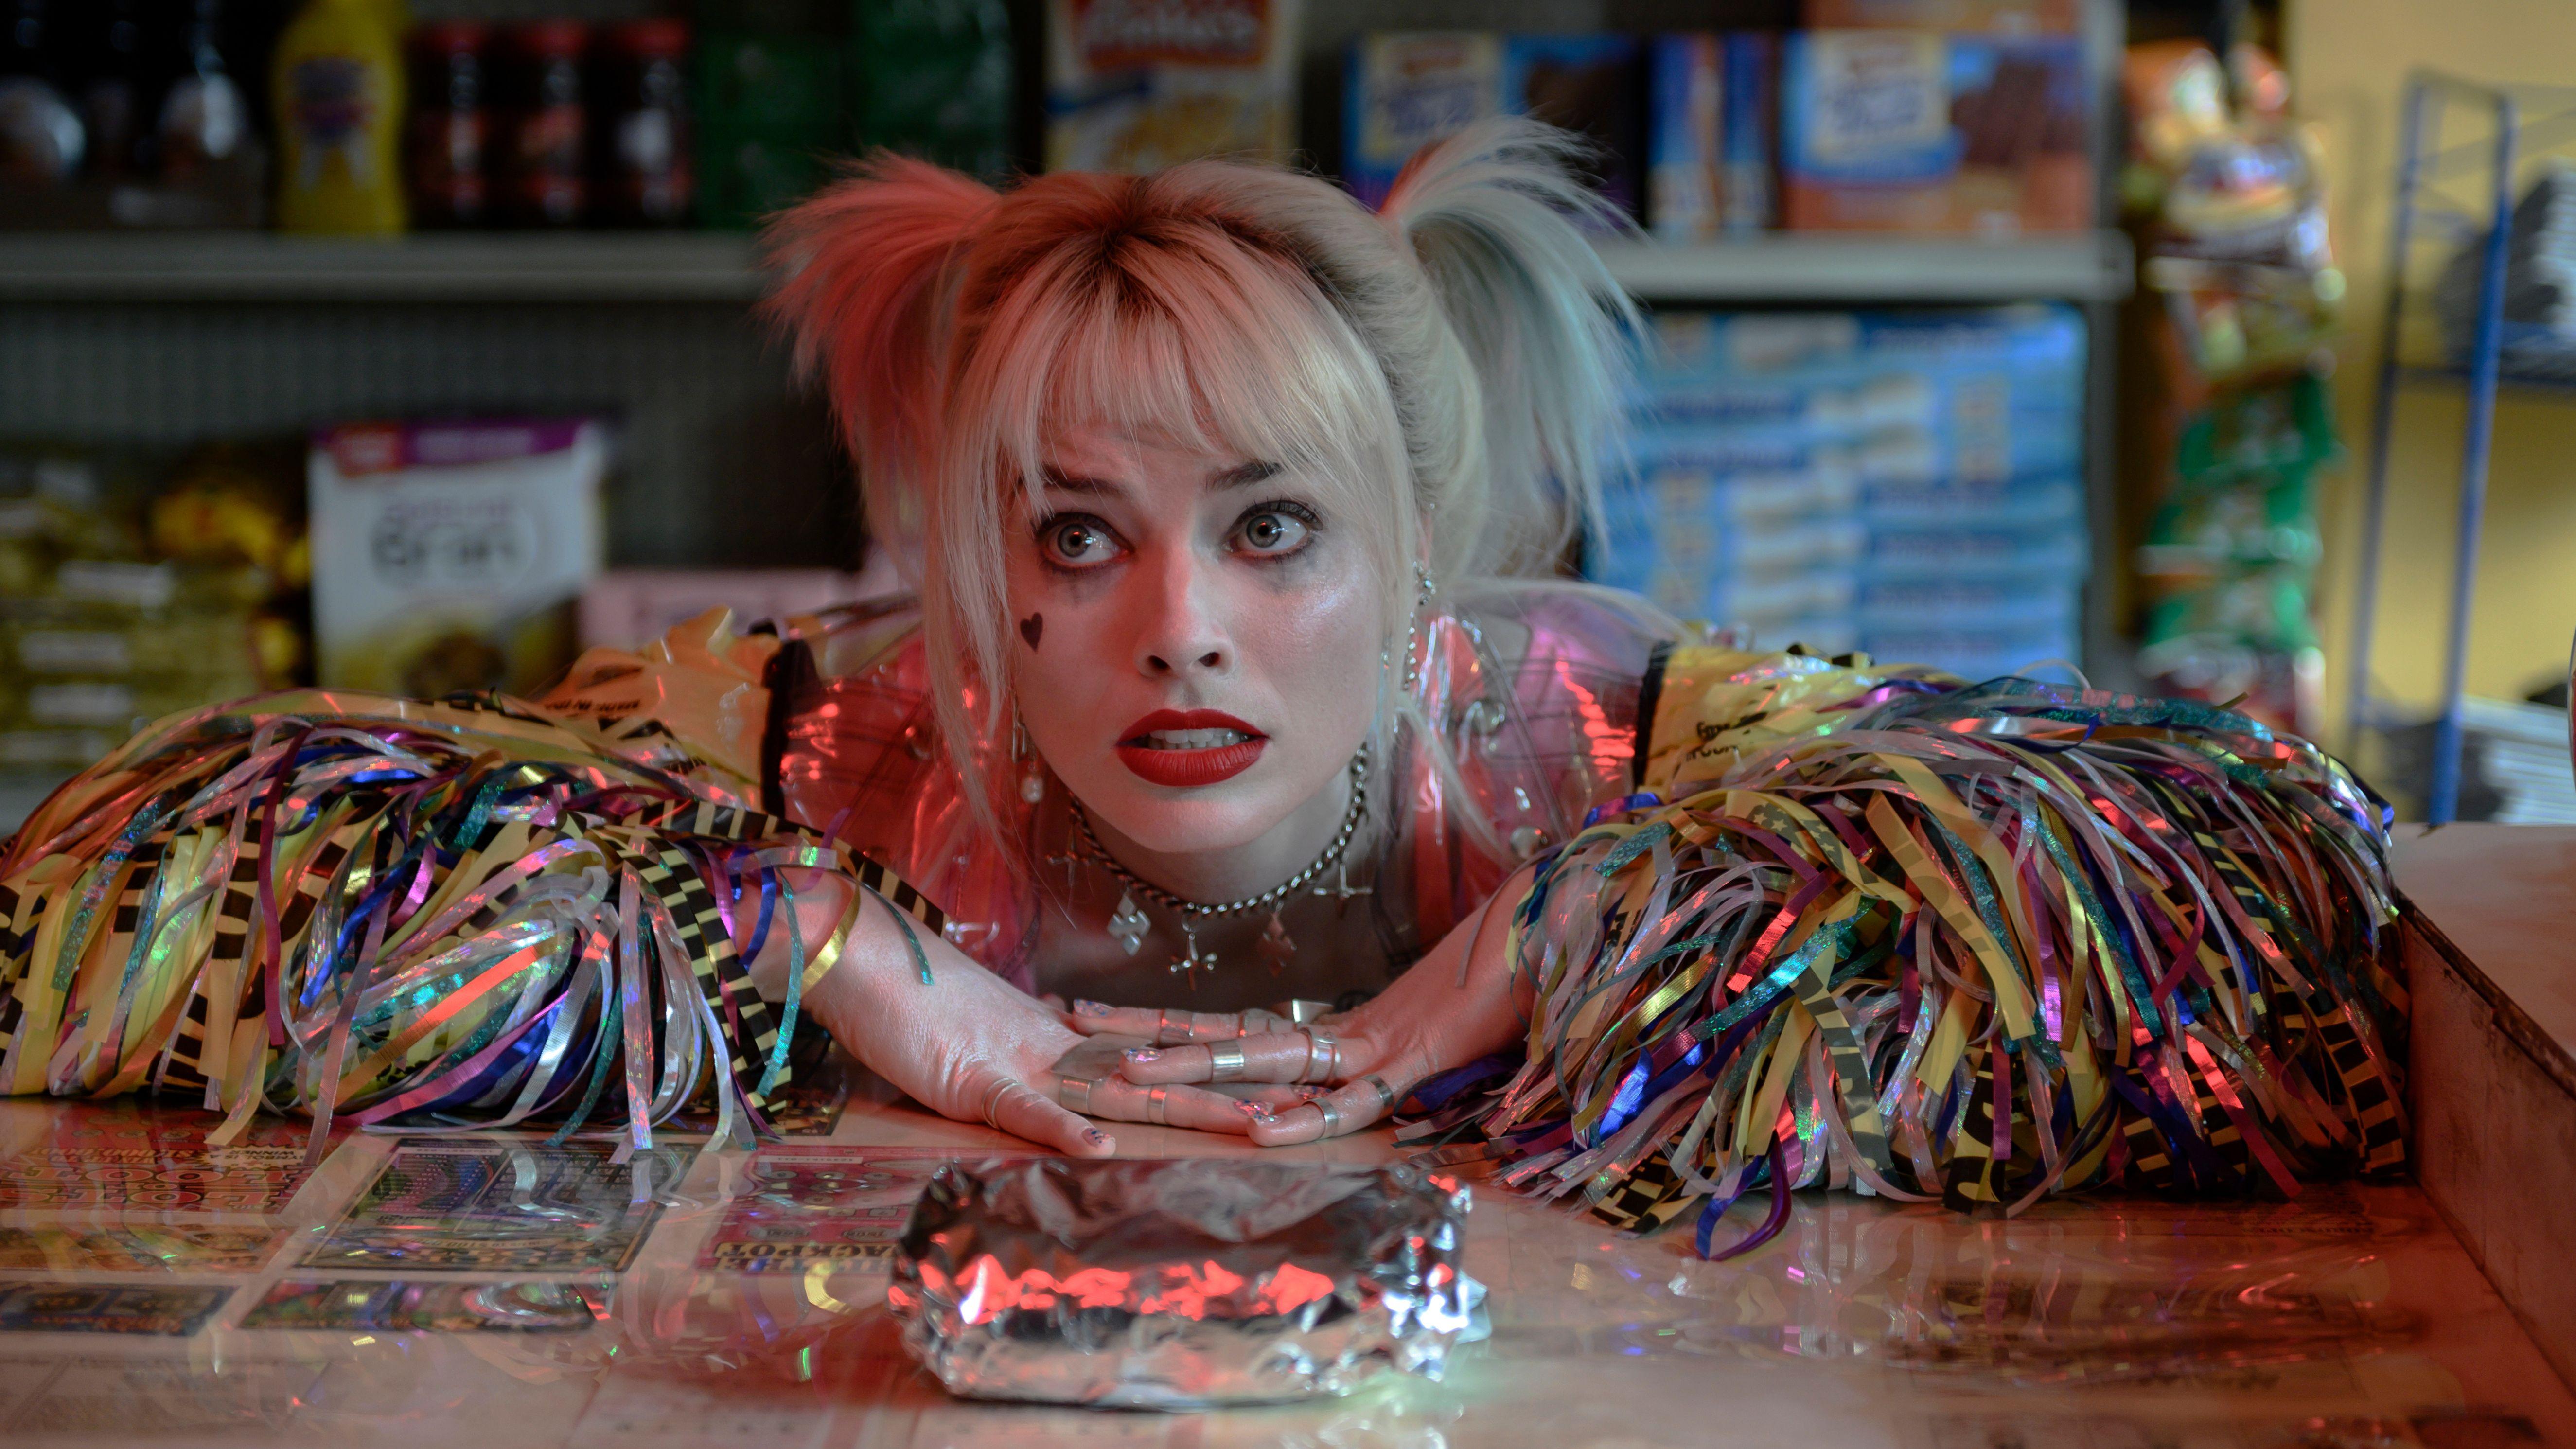 Superschurkin mit Liebeskummer: Der Joker hat sich von Harley Quinn (Margot Robbie) getrennt (Filmszene).